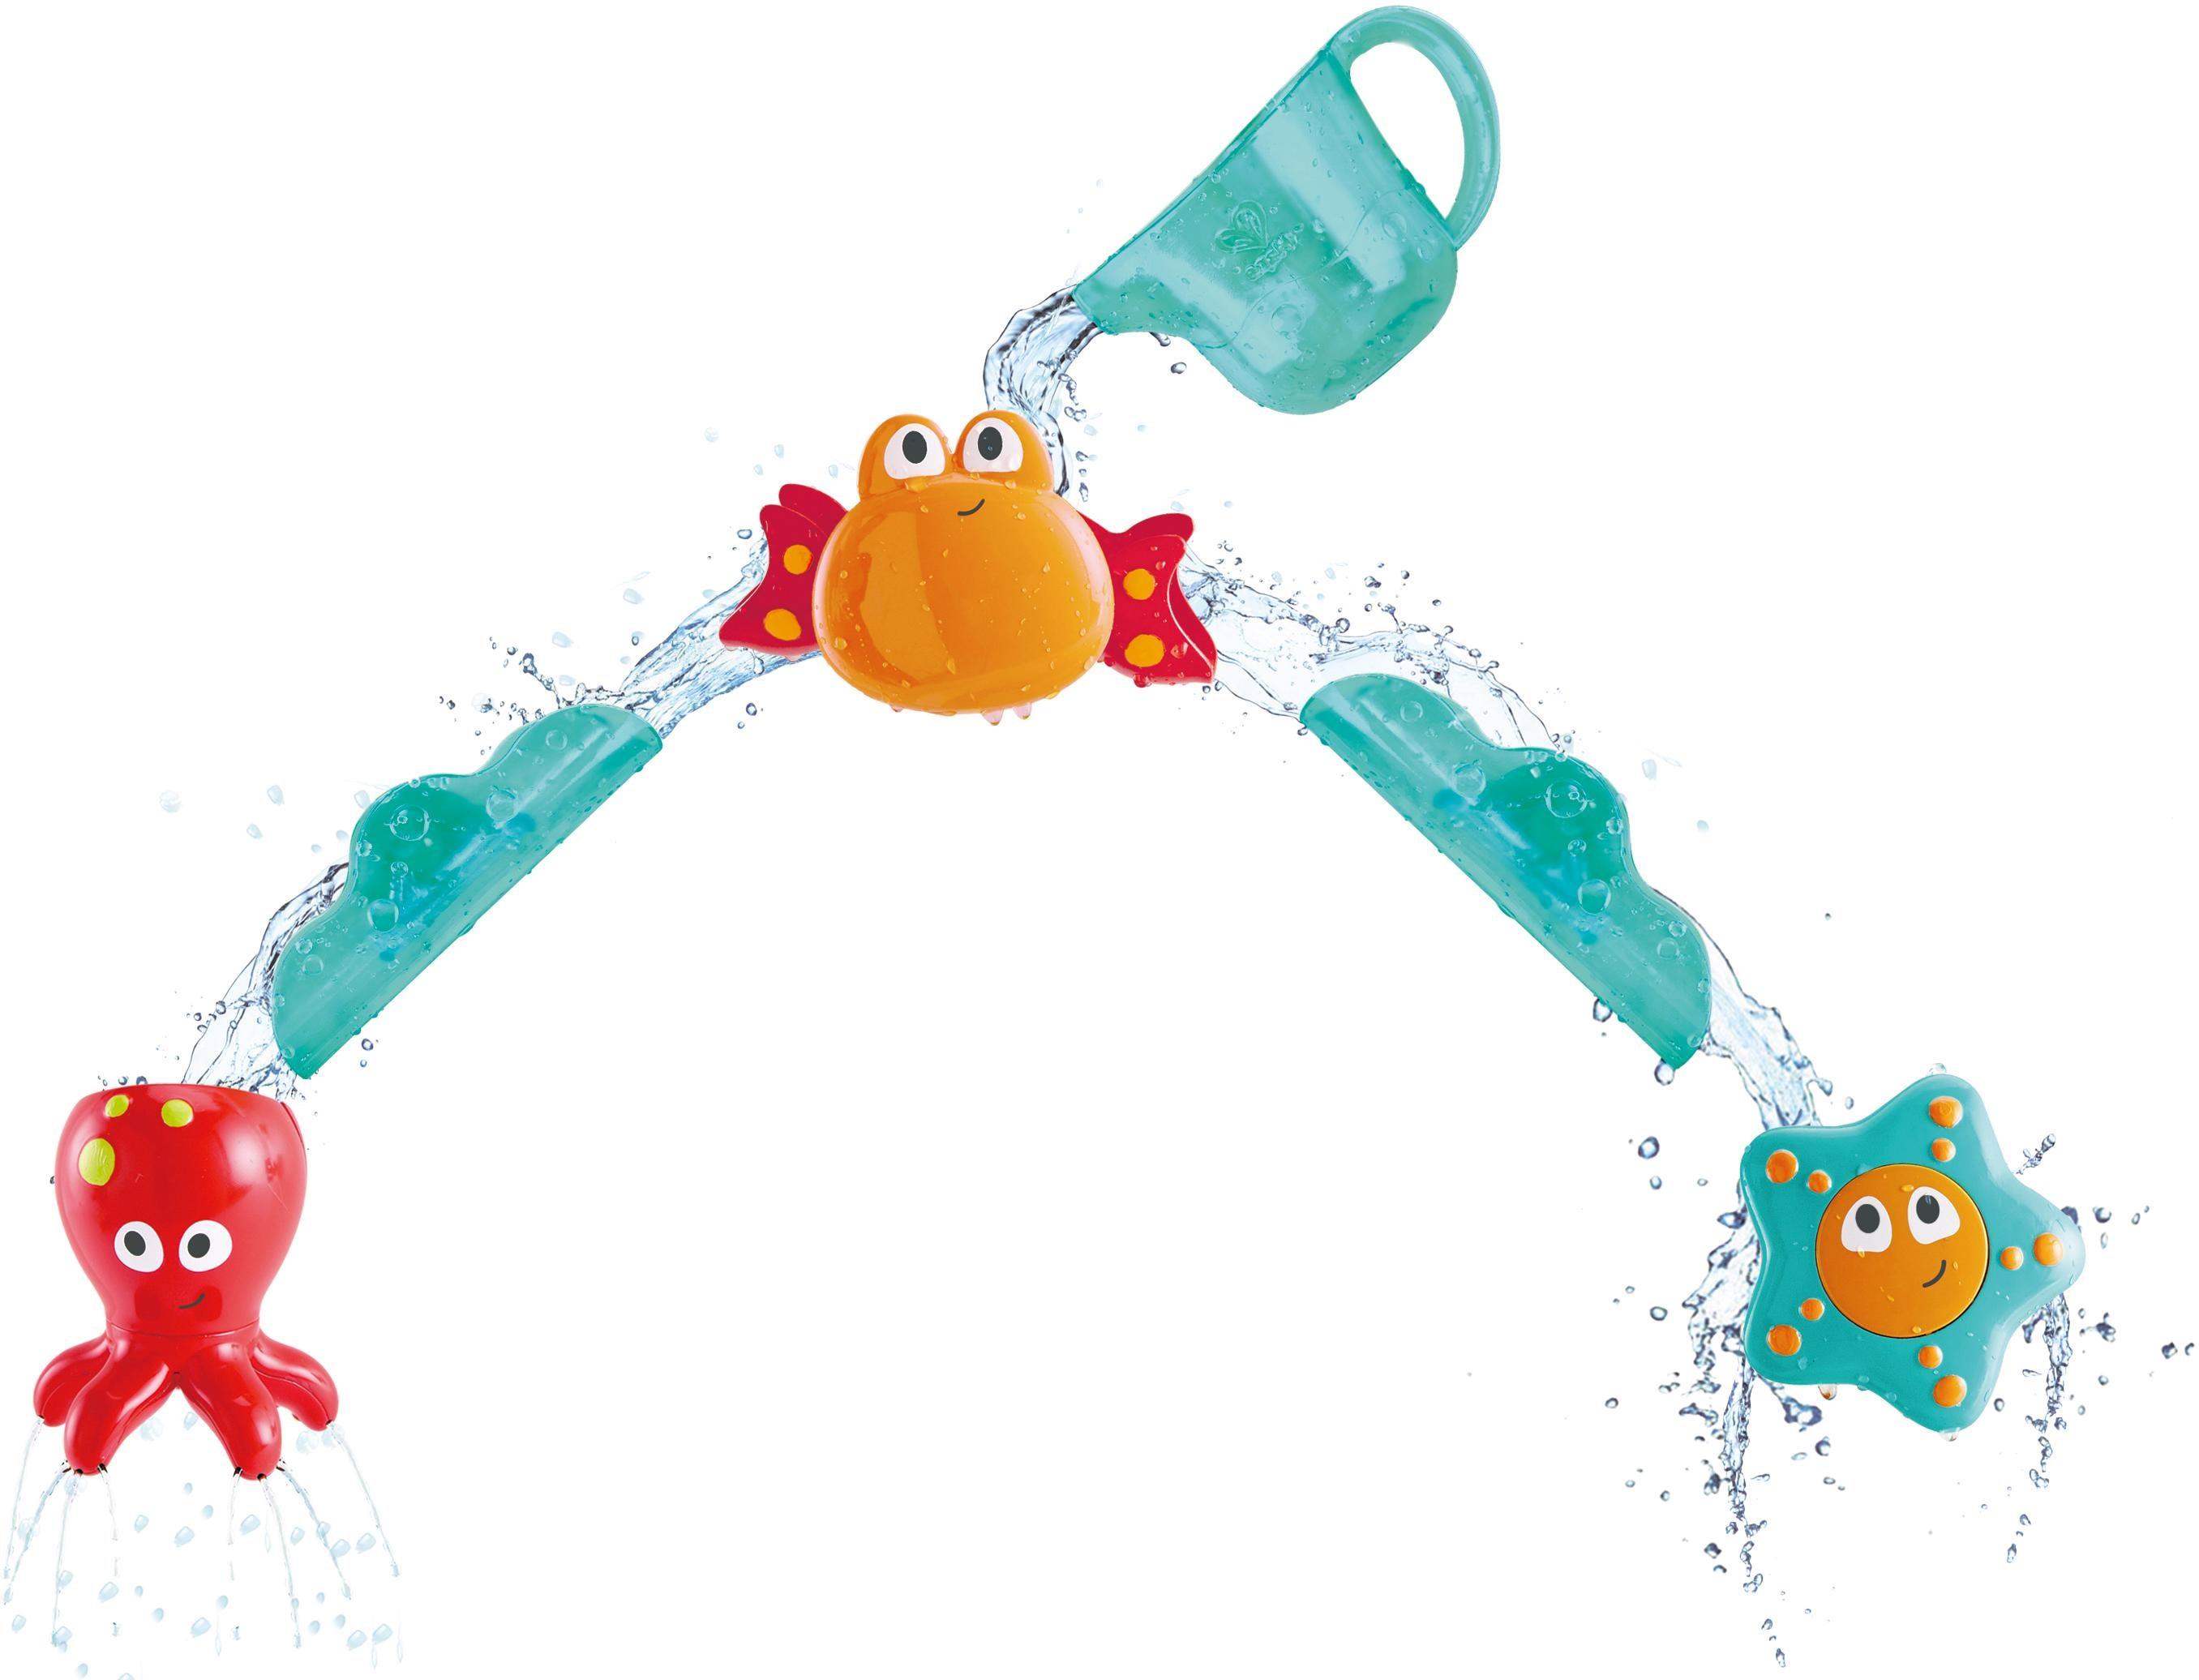 Hape Badespielzeug Wasser Freunde bunt Kinder Wasserspielzeug Outdoor-Spielzeug